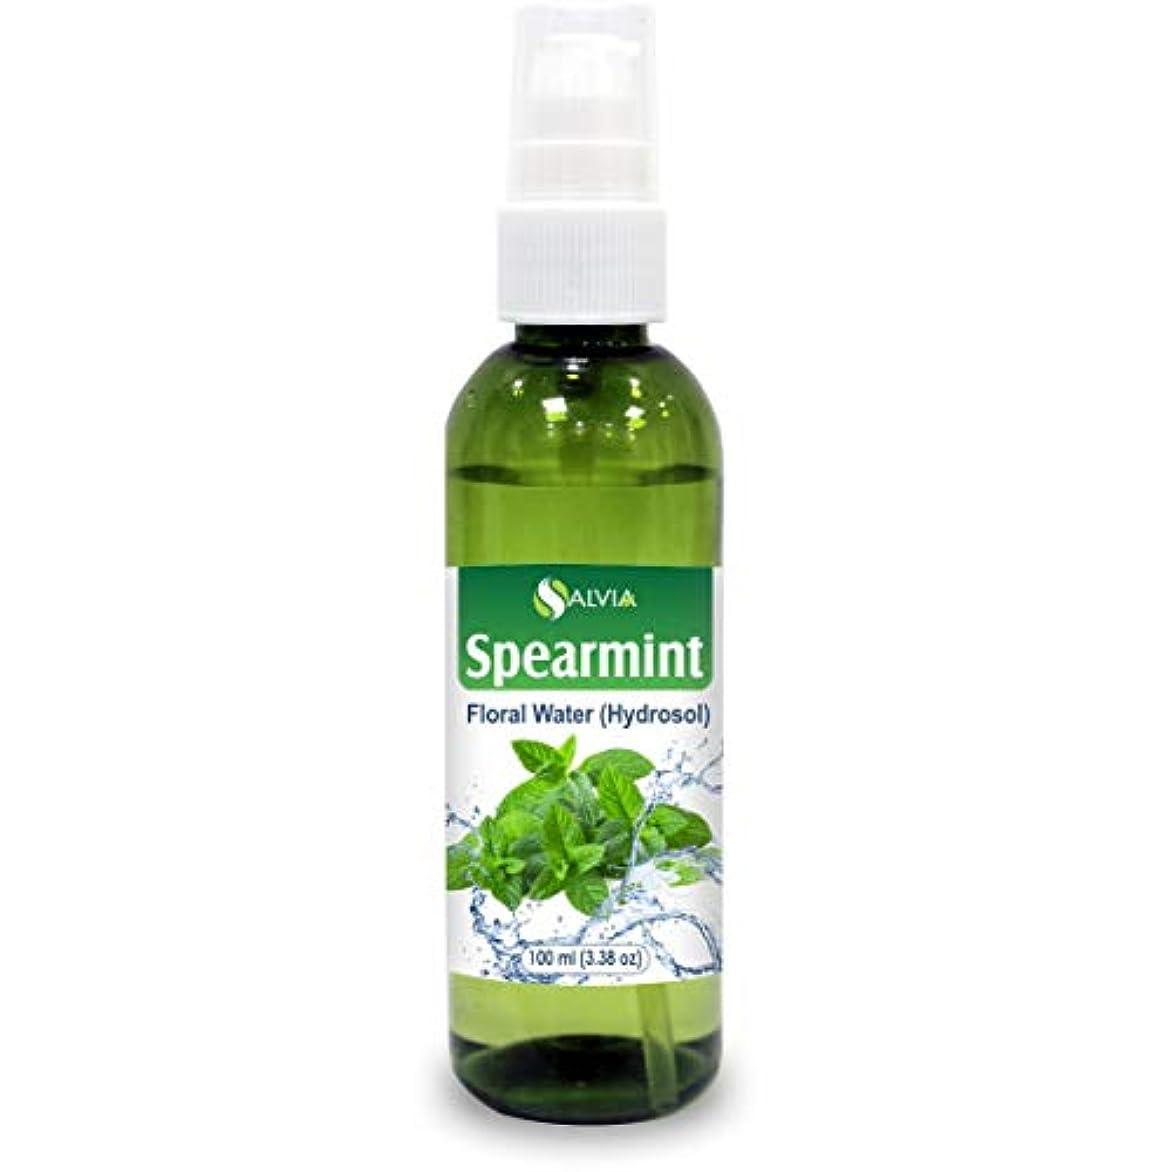 コメンテーターキャップ好意的Spearmint Floral Water 100ml (Hydrosol) 100% Pure And Natural